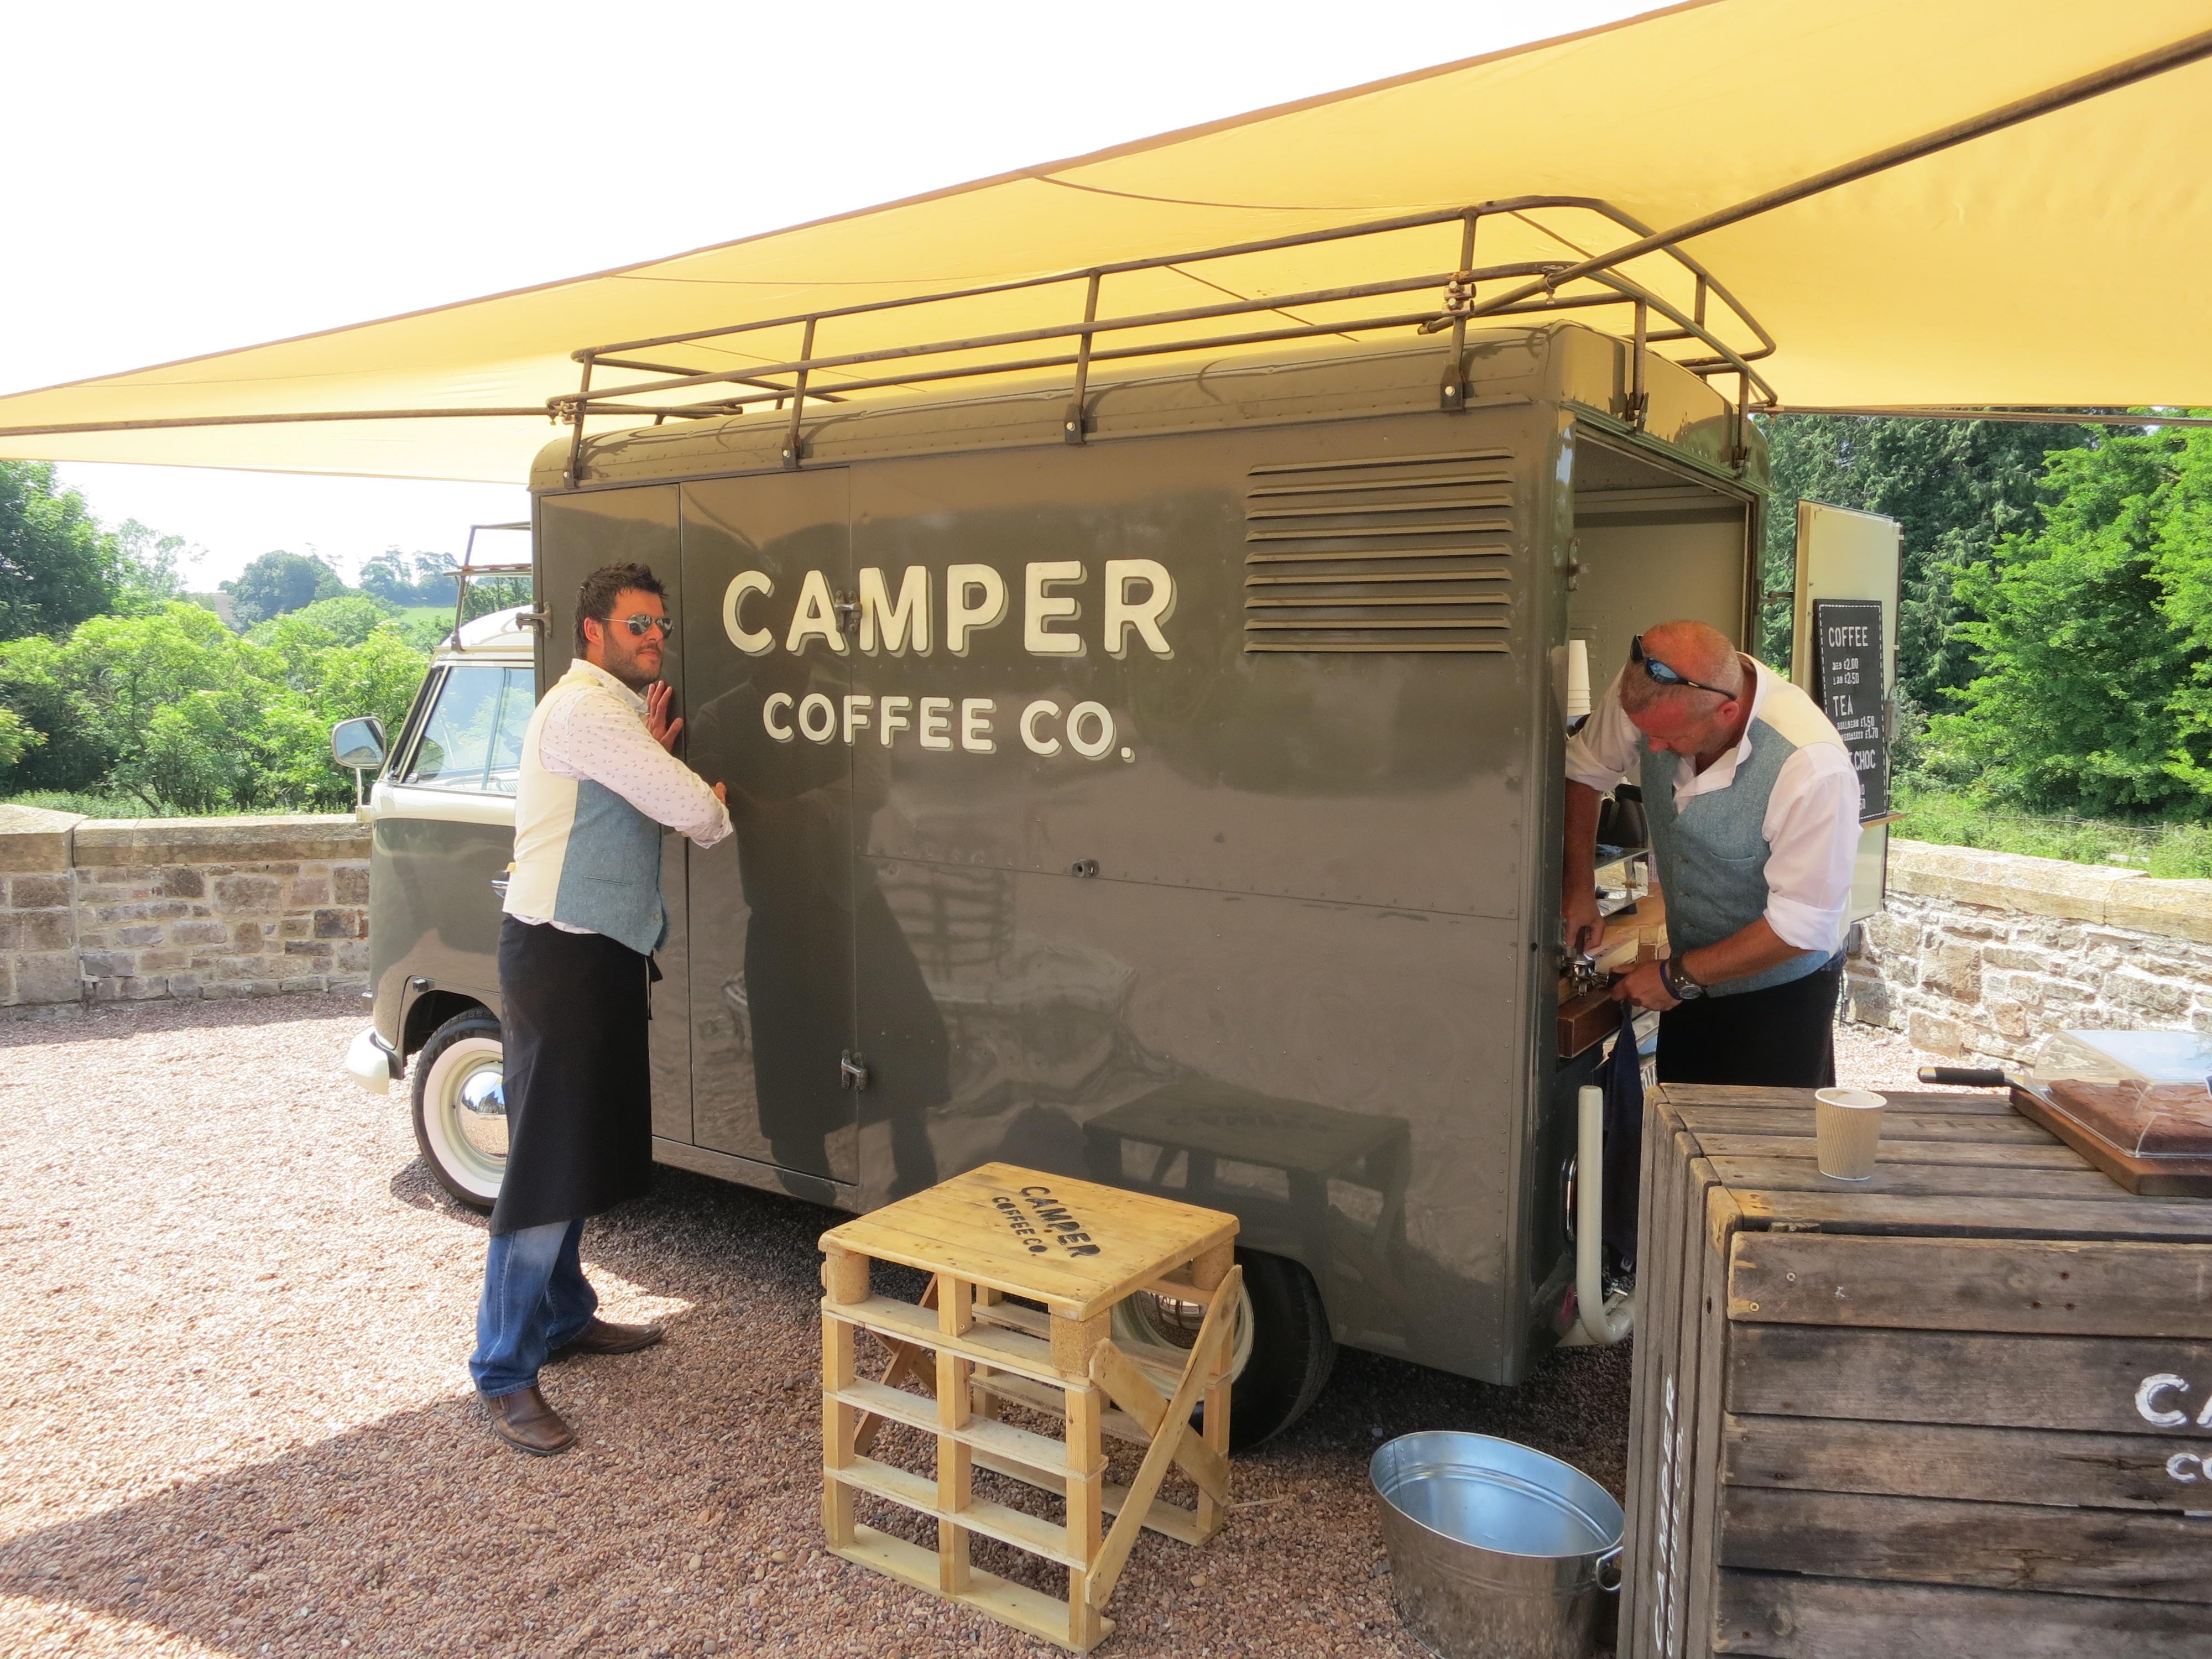 camper coffee team setting up their van